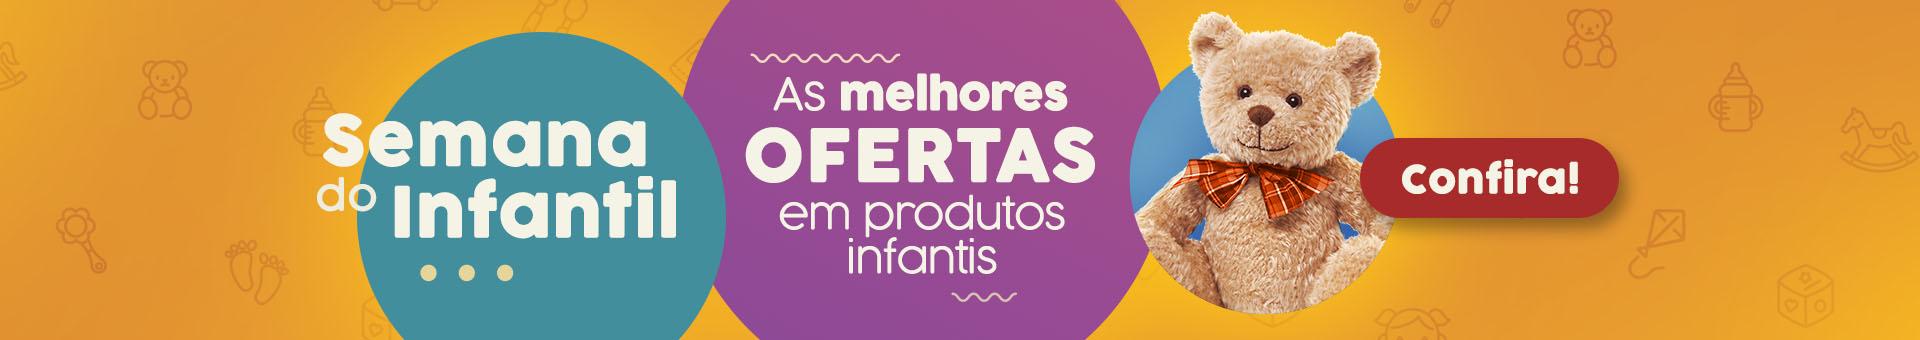 Banner Semana do Infantil